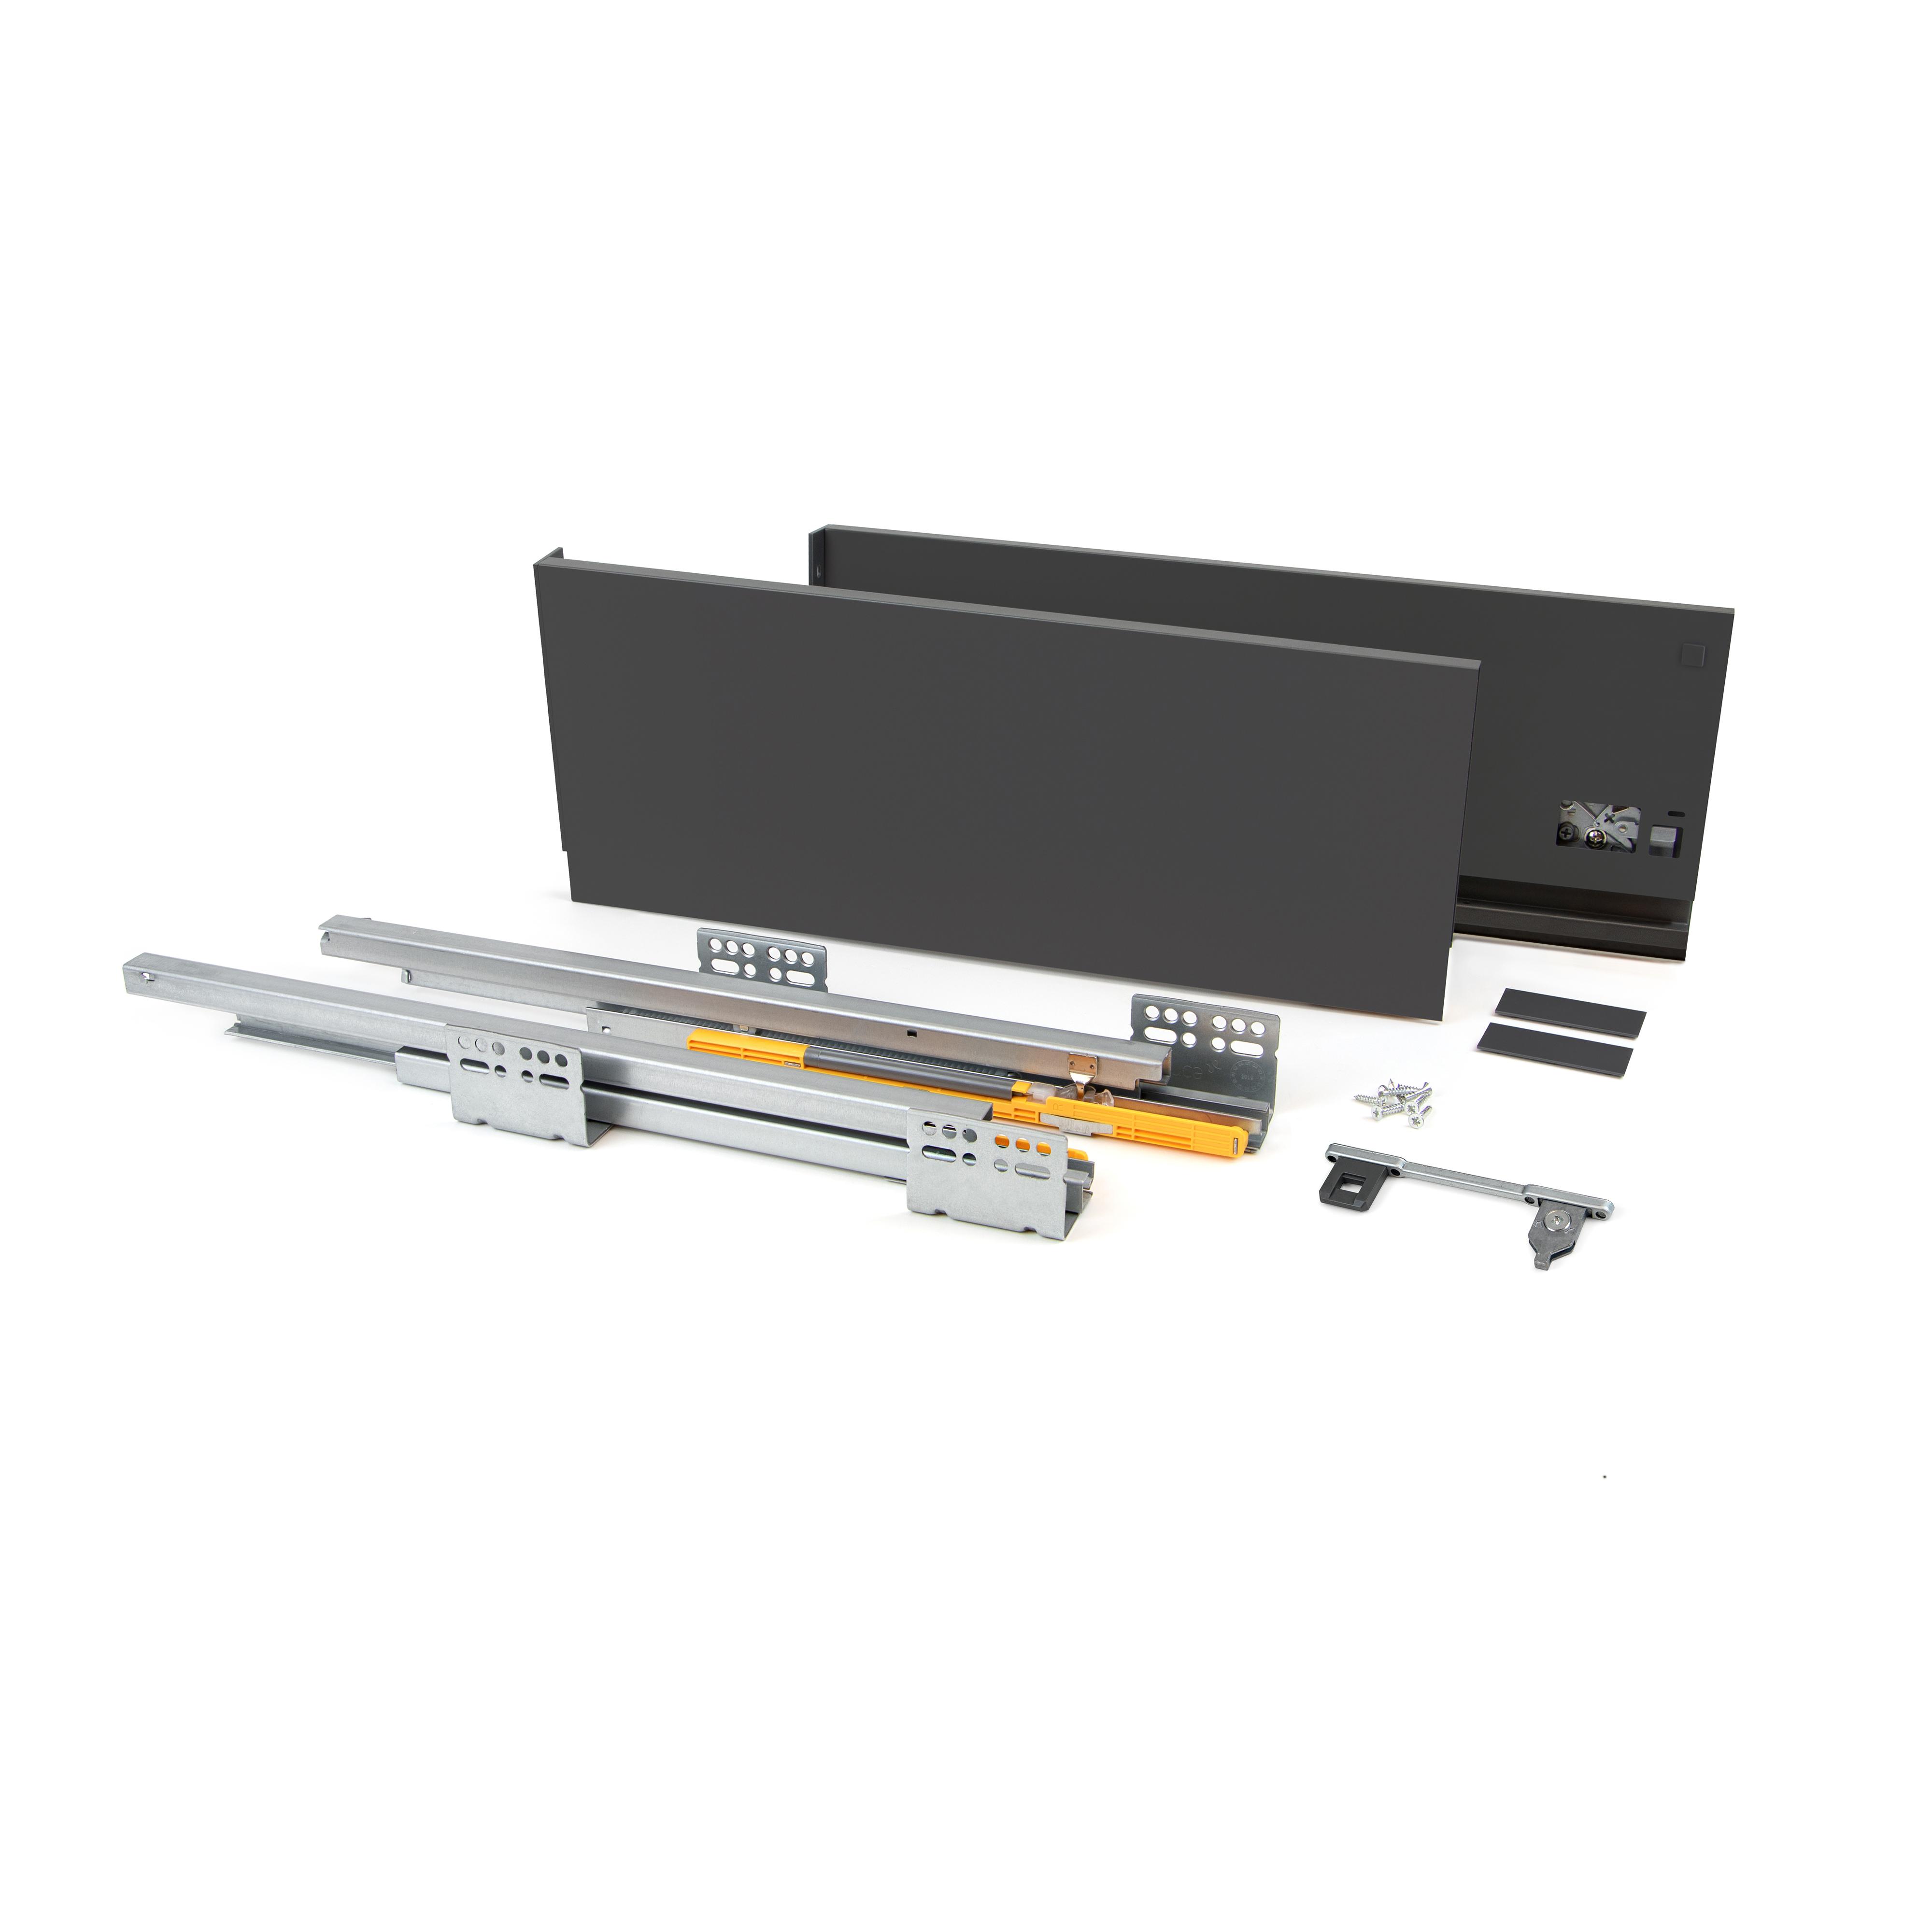 Emuca Kit cassetto per cucina Concept, 50 Kg, altezza 185 mm, prof. 500 mm, chiusura soft, Acciaio, Grigio antracite